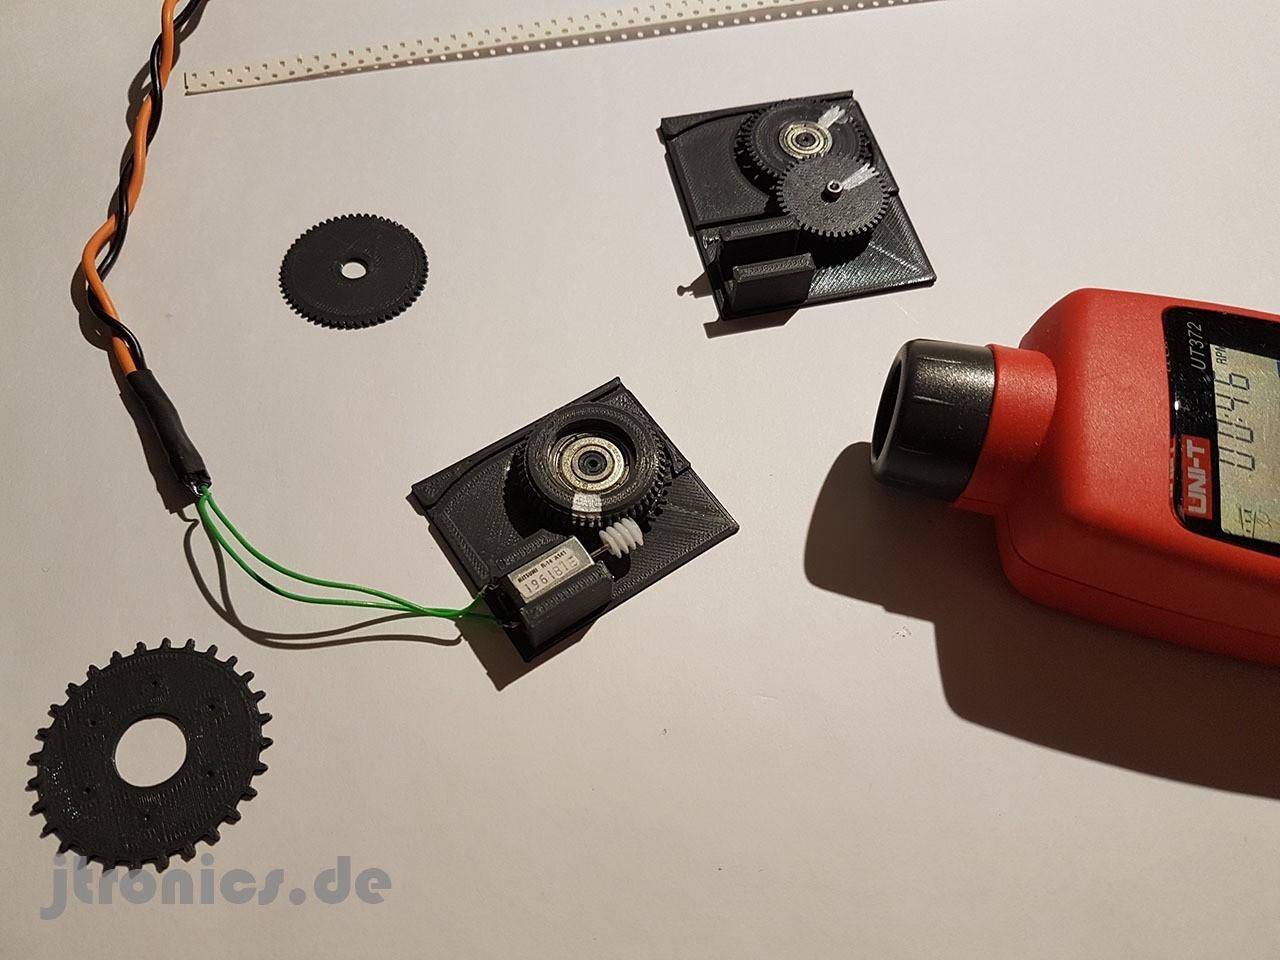 20190319_225802.jpg Télécharger fichier STL gratuit Test d'engrenage à vis sans fin d'alimentation OpenPnp SMT imprimé 3D • Modèle à imprimer en 3D, jtronics